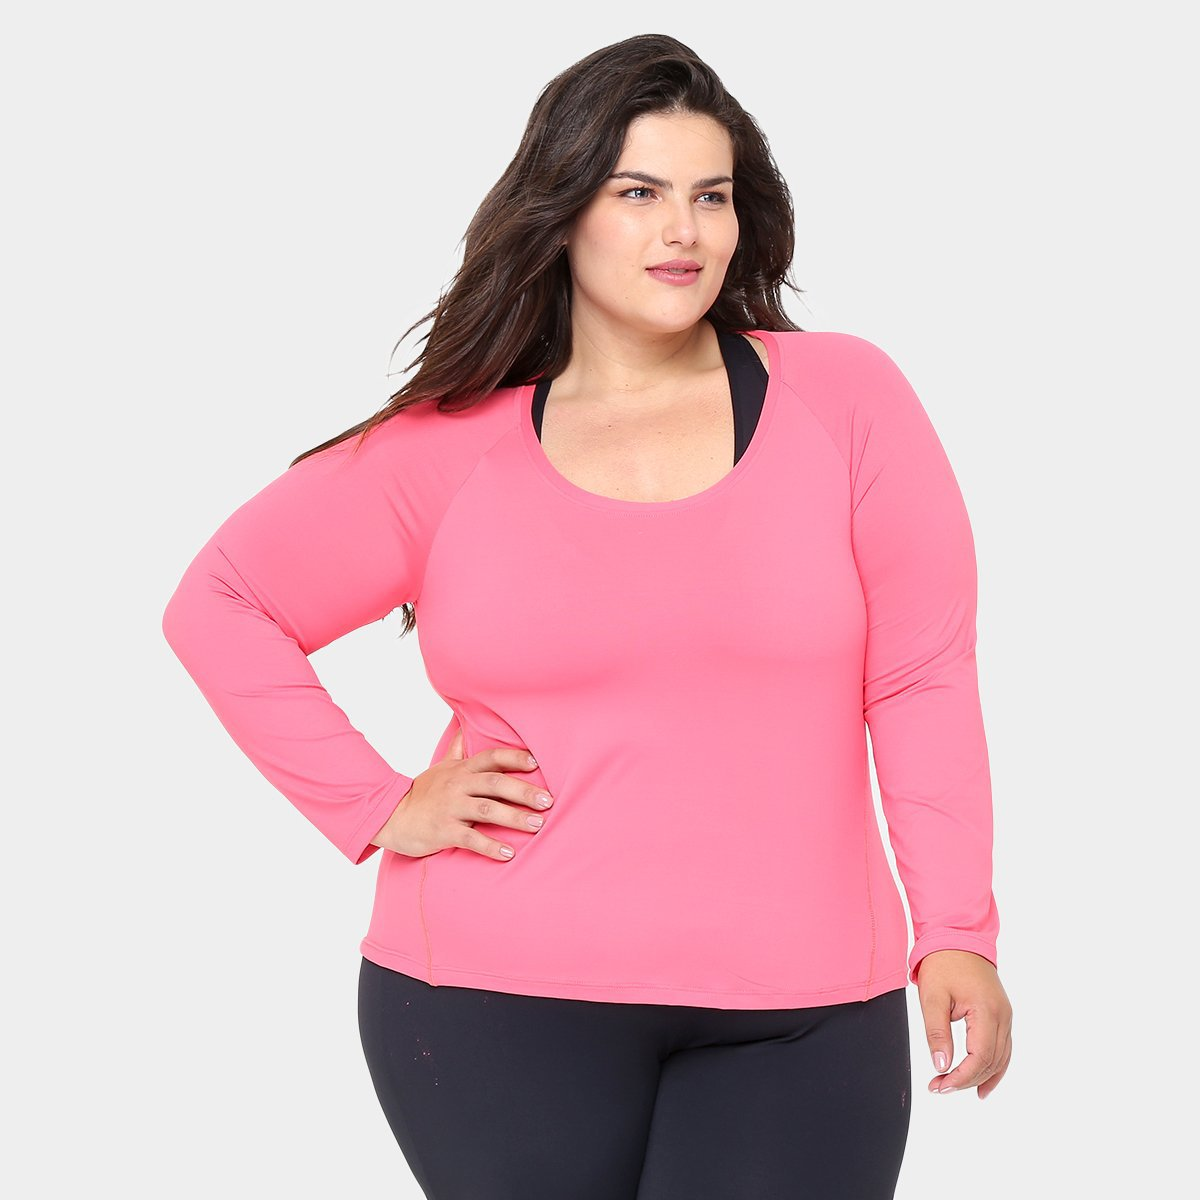 Camiseta Claro Manga Feminina Longa Plus Rosa Camiseta GONEW Plus Size wzxqrB7zX